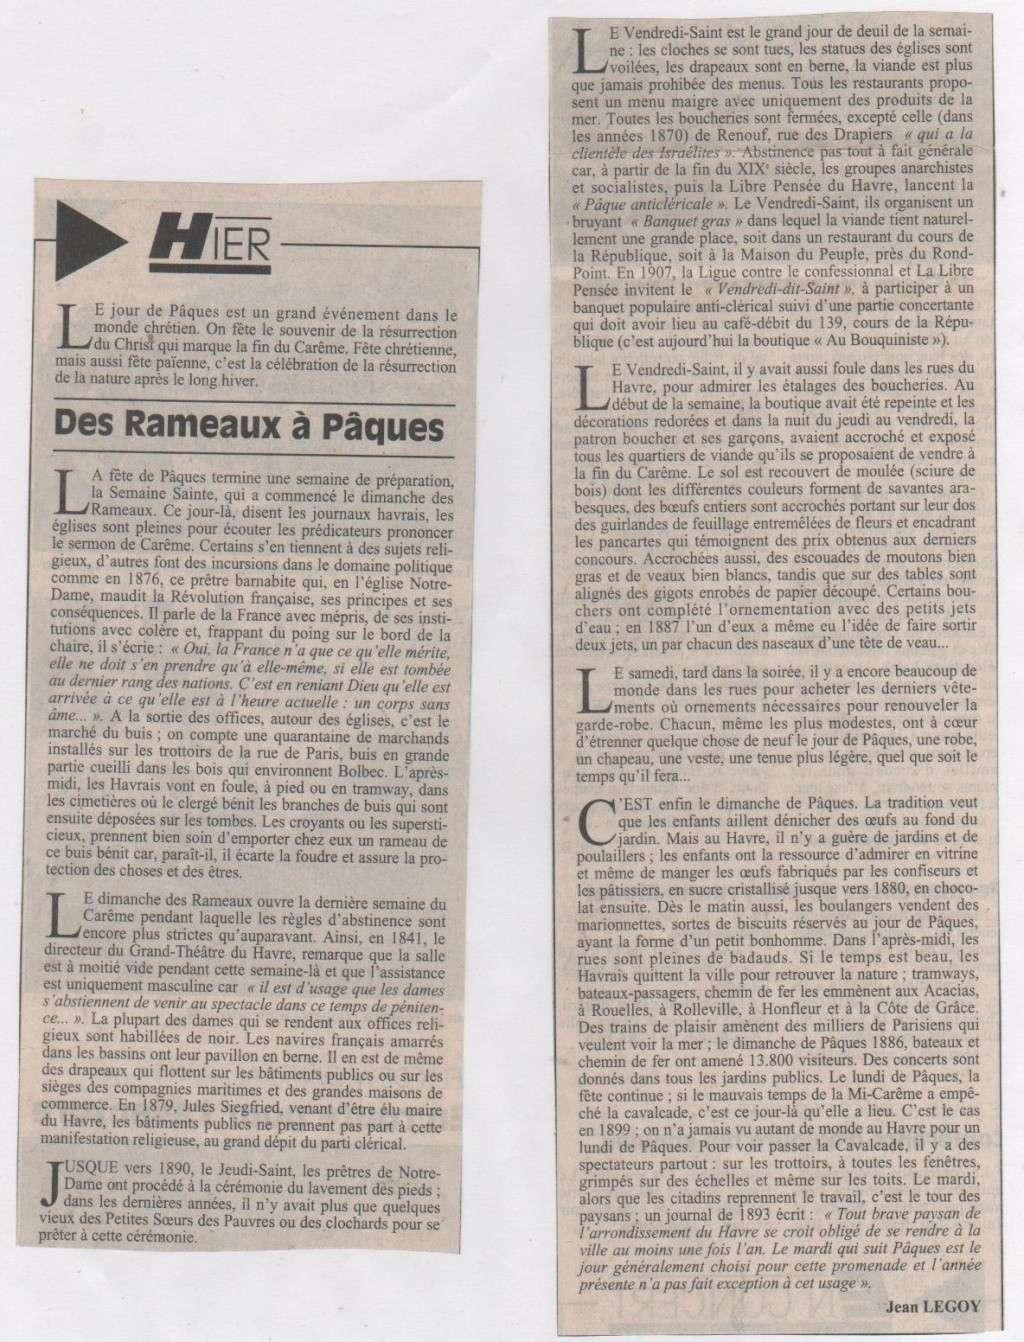 bléville - Hier, Le Havre par Jean LEGOY - Page 4 Des_ra10